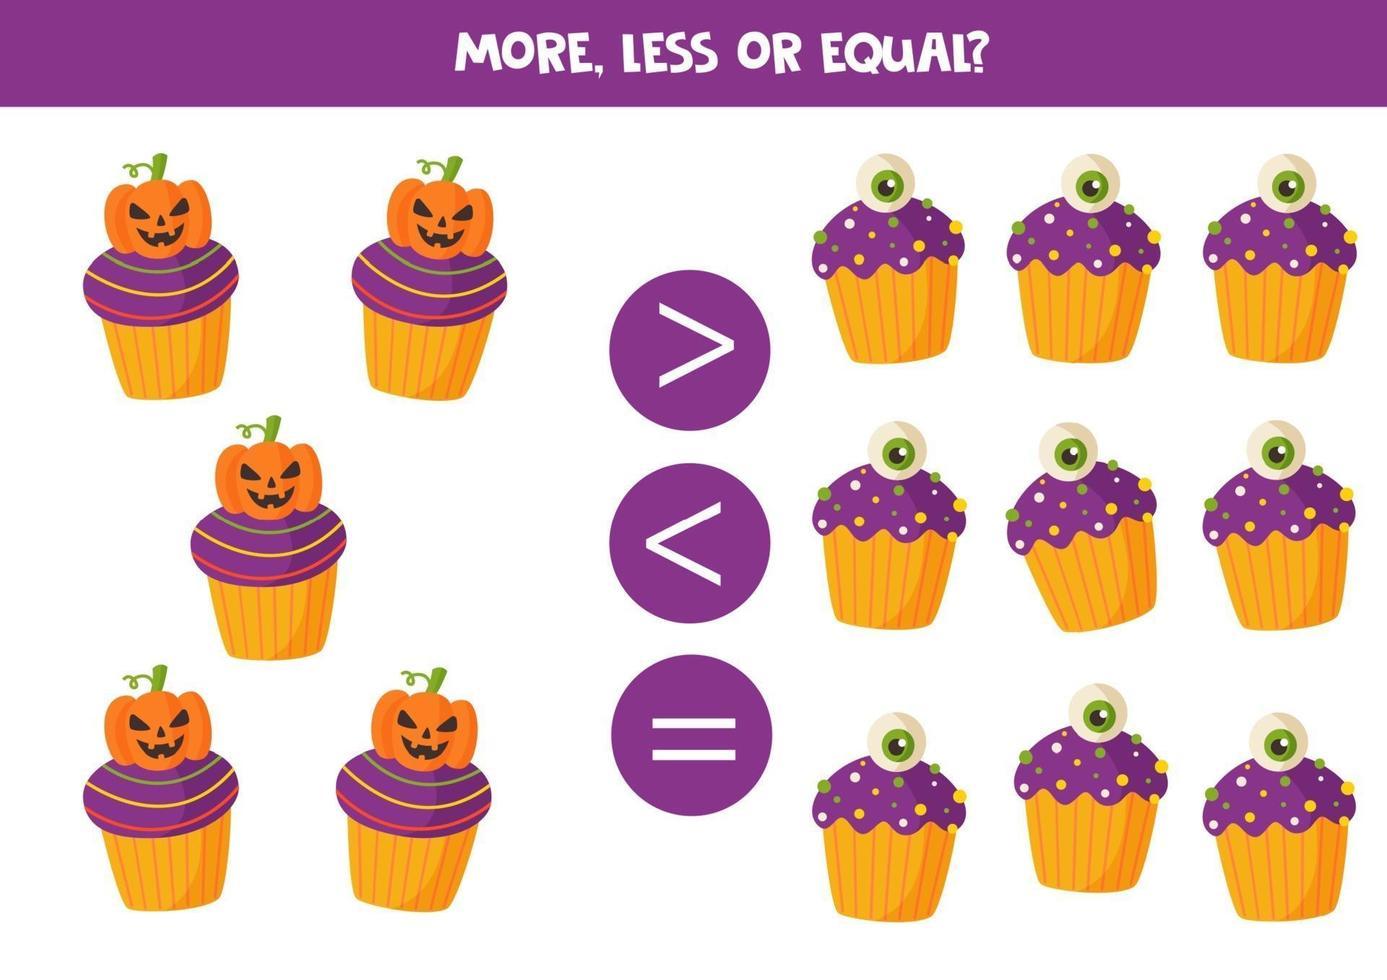 jämförelse för förskolebarn. matematikspel med halloween muffins. vektor